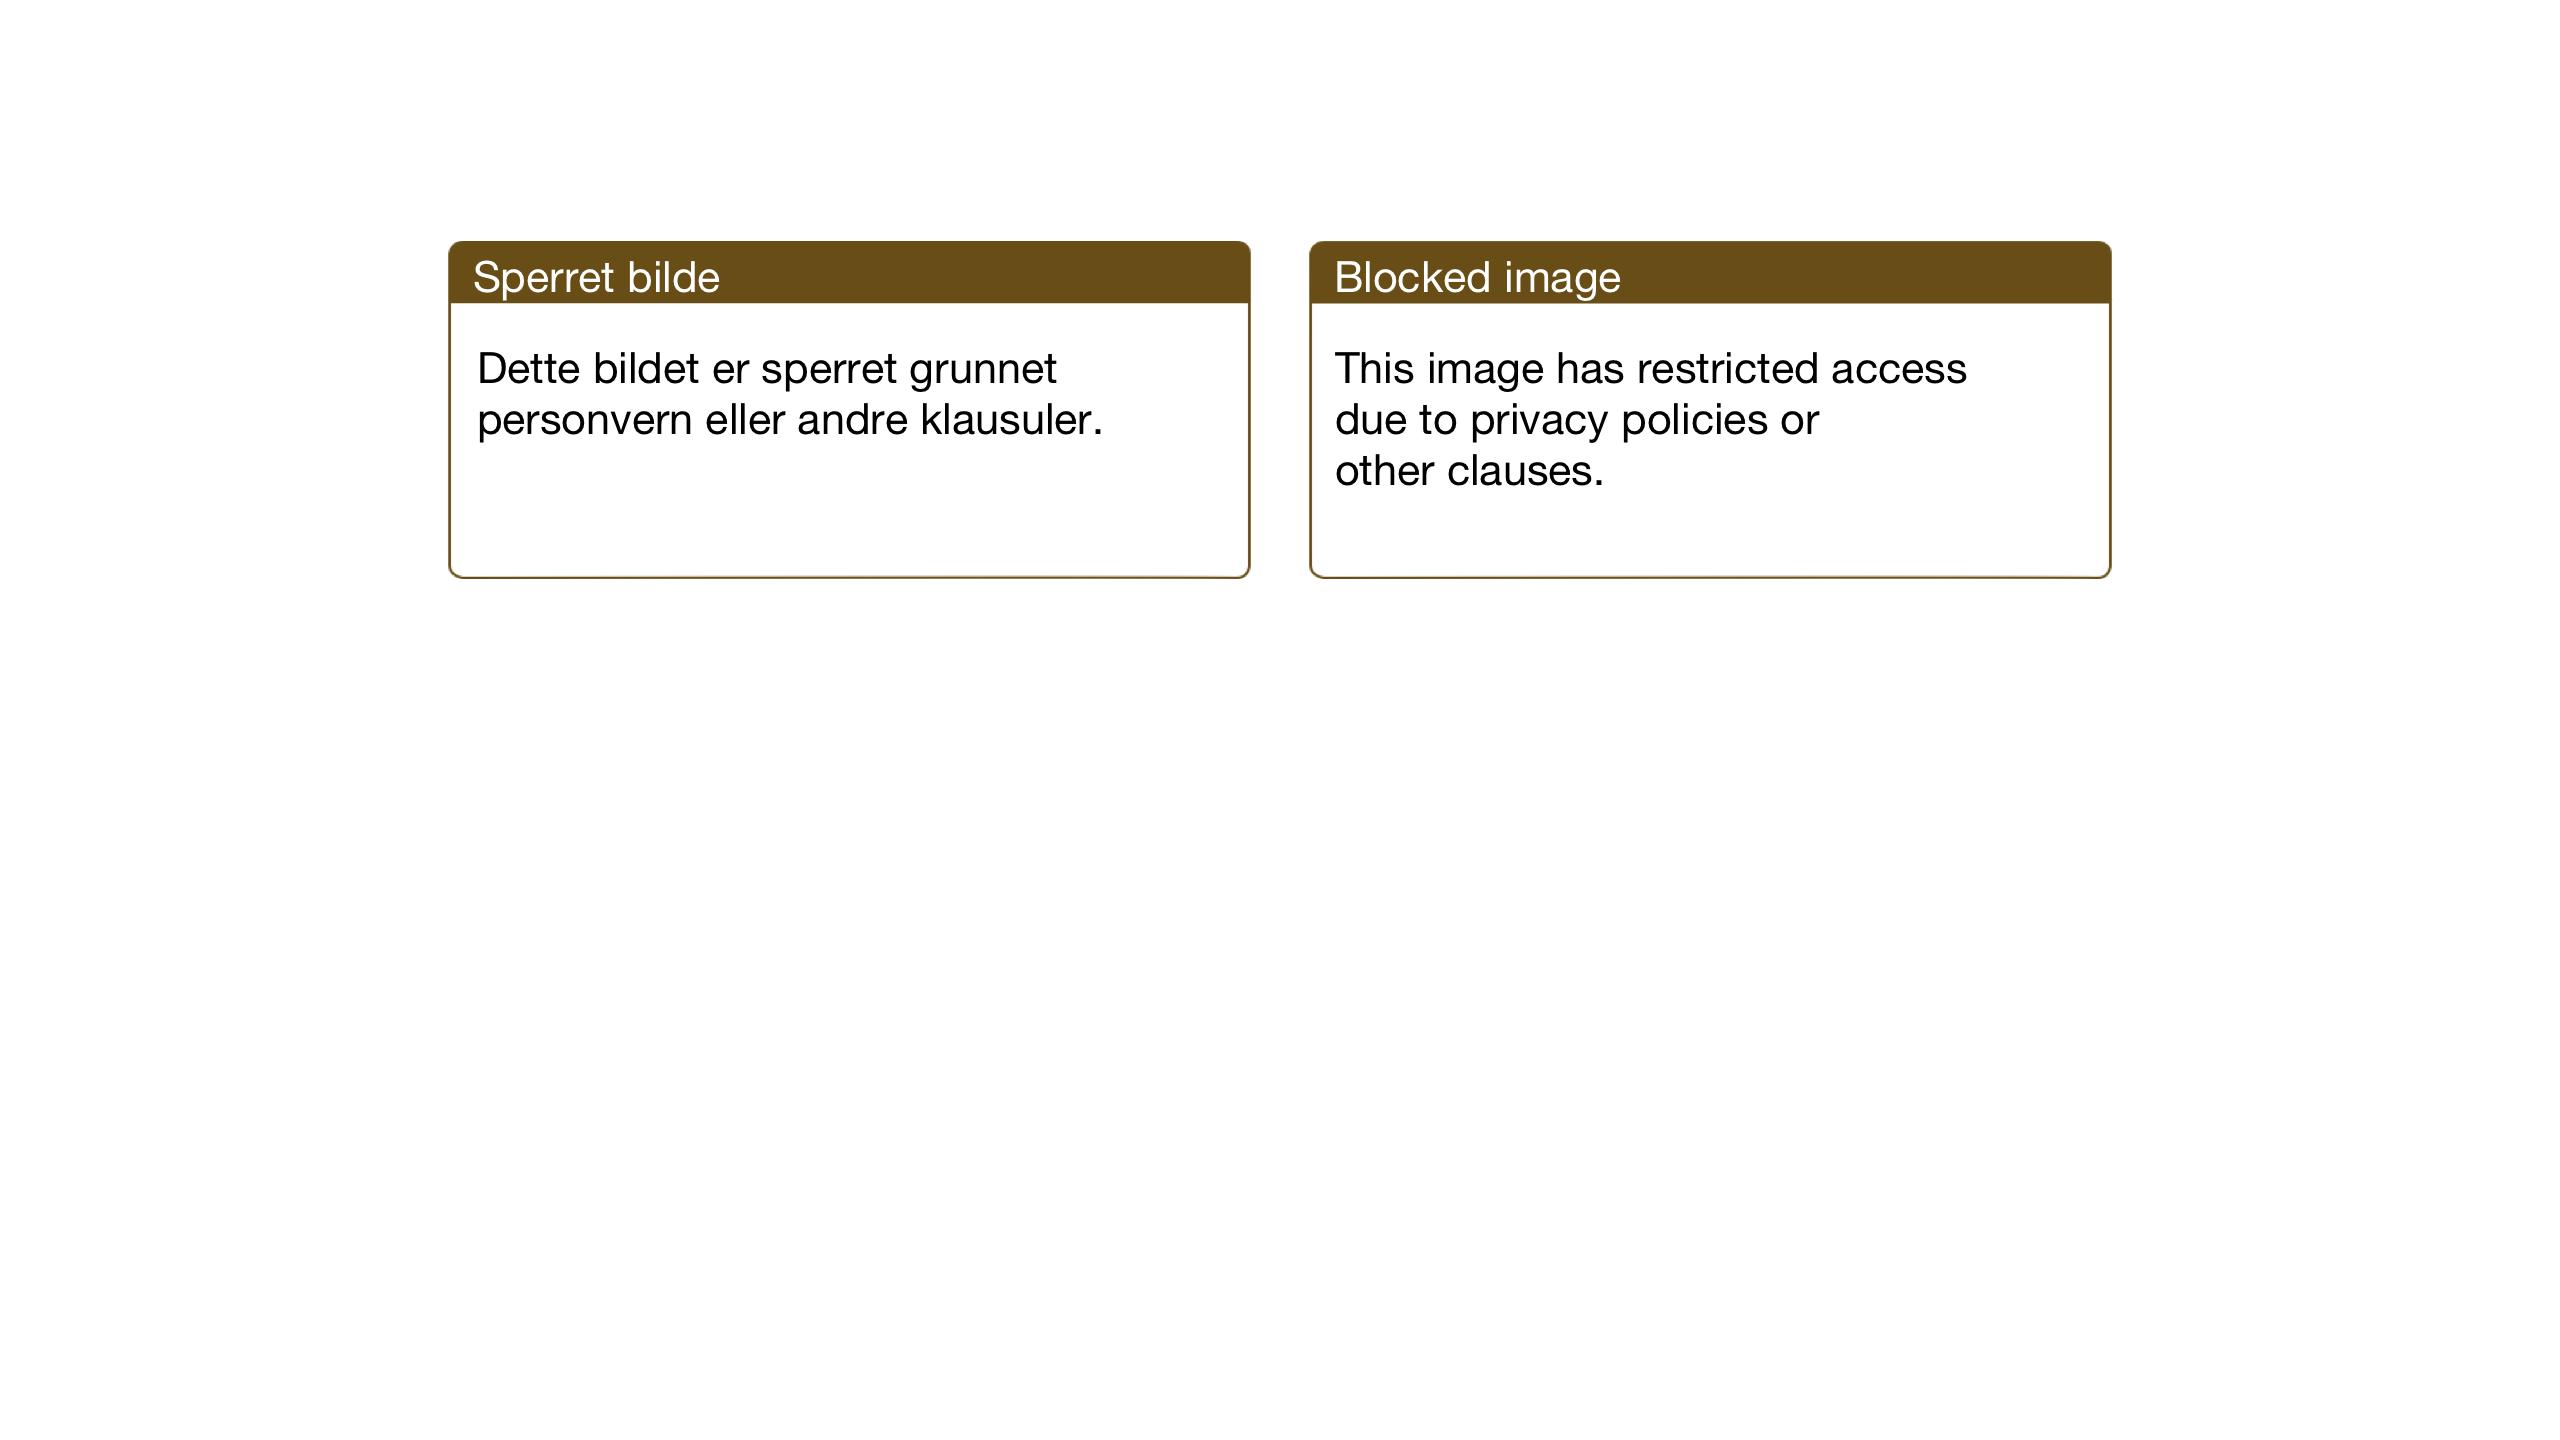 SAT, Ministerialprotokoller, klokkerbøker og fødselsregistre - Nord-Trøndelag, 748/L0465: Klokkerbok nr. 748C01, 1908-1960, s. 25